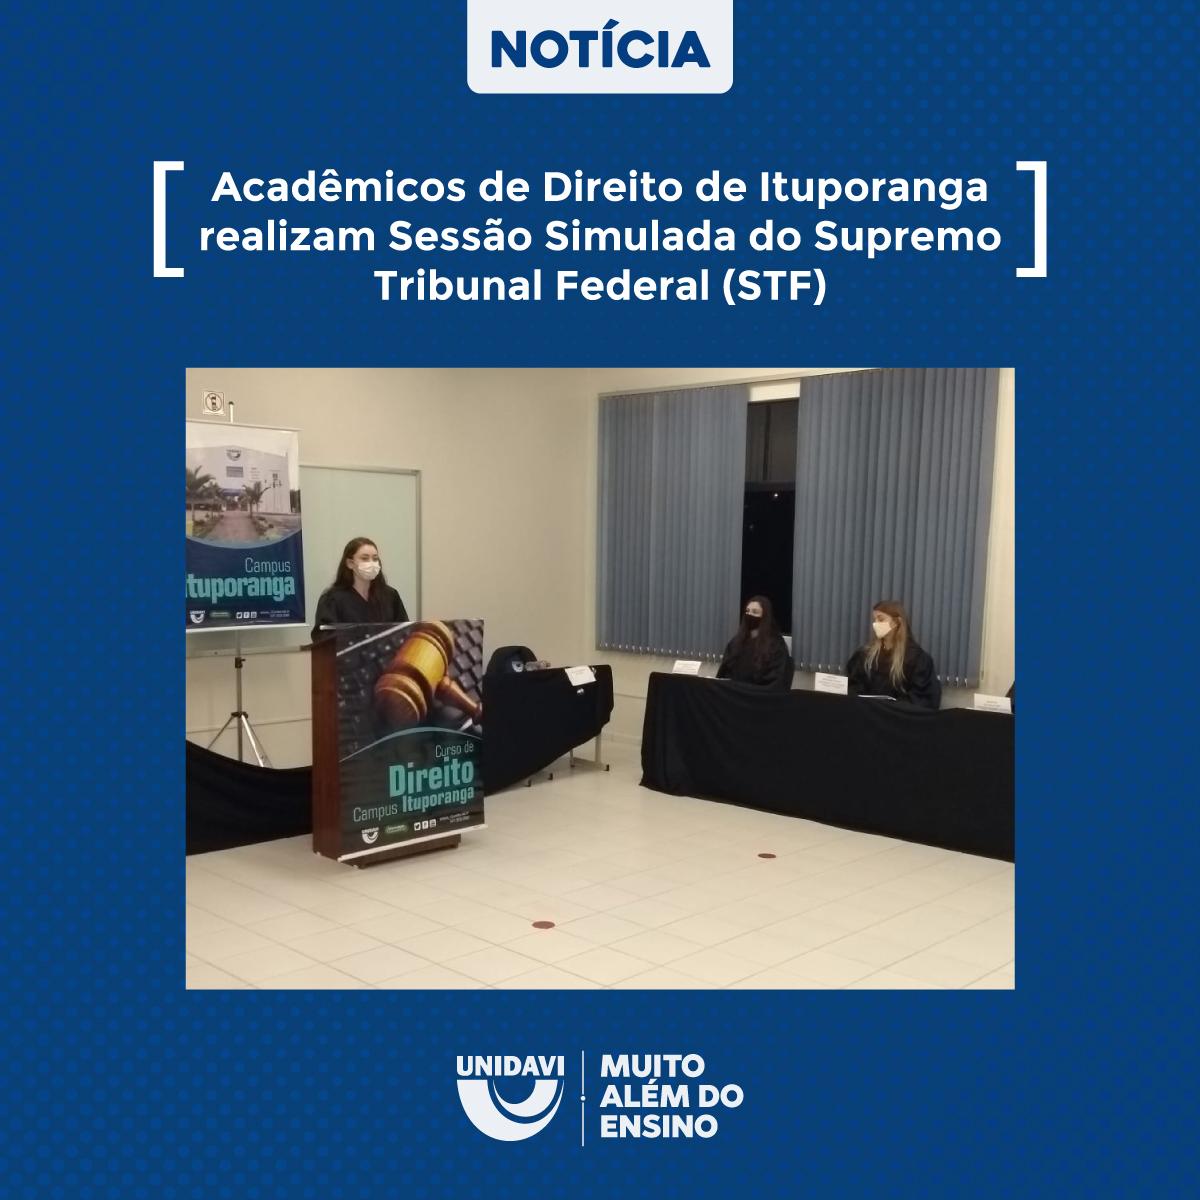 Acadêmicos de Direito de Ituporanga realizam Sessão Simulada do Supremo Tribunal Federal (STF)